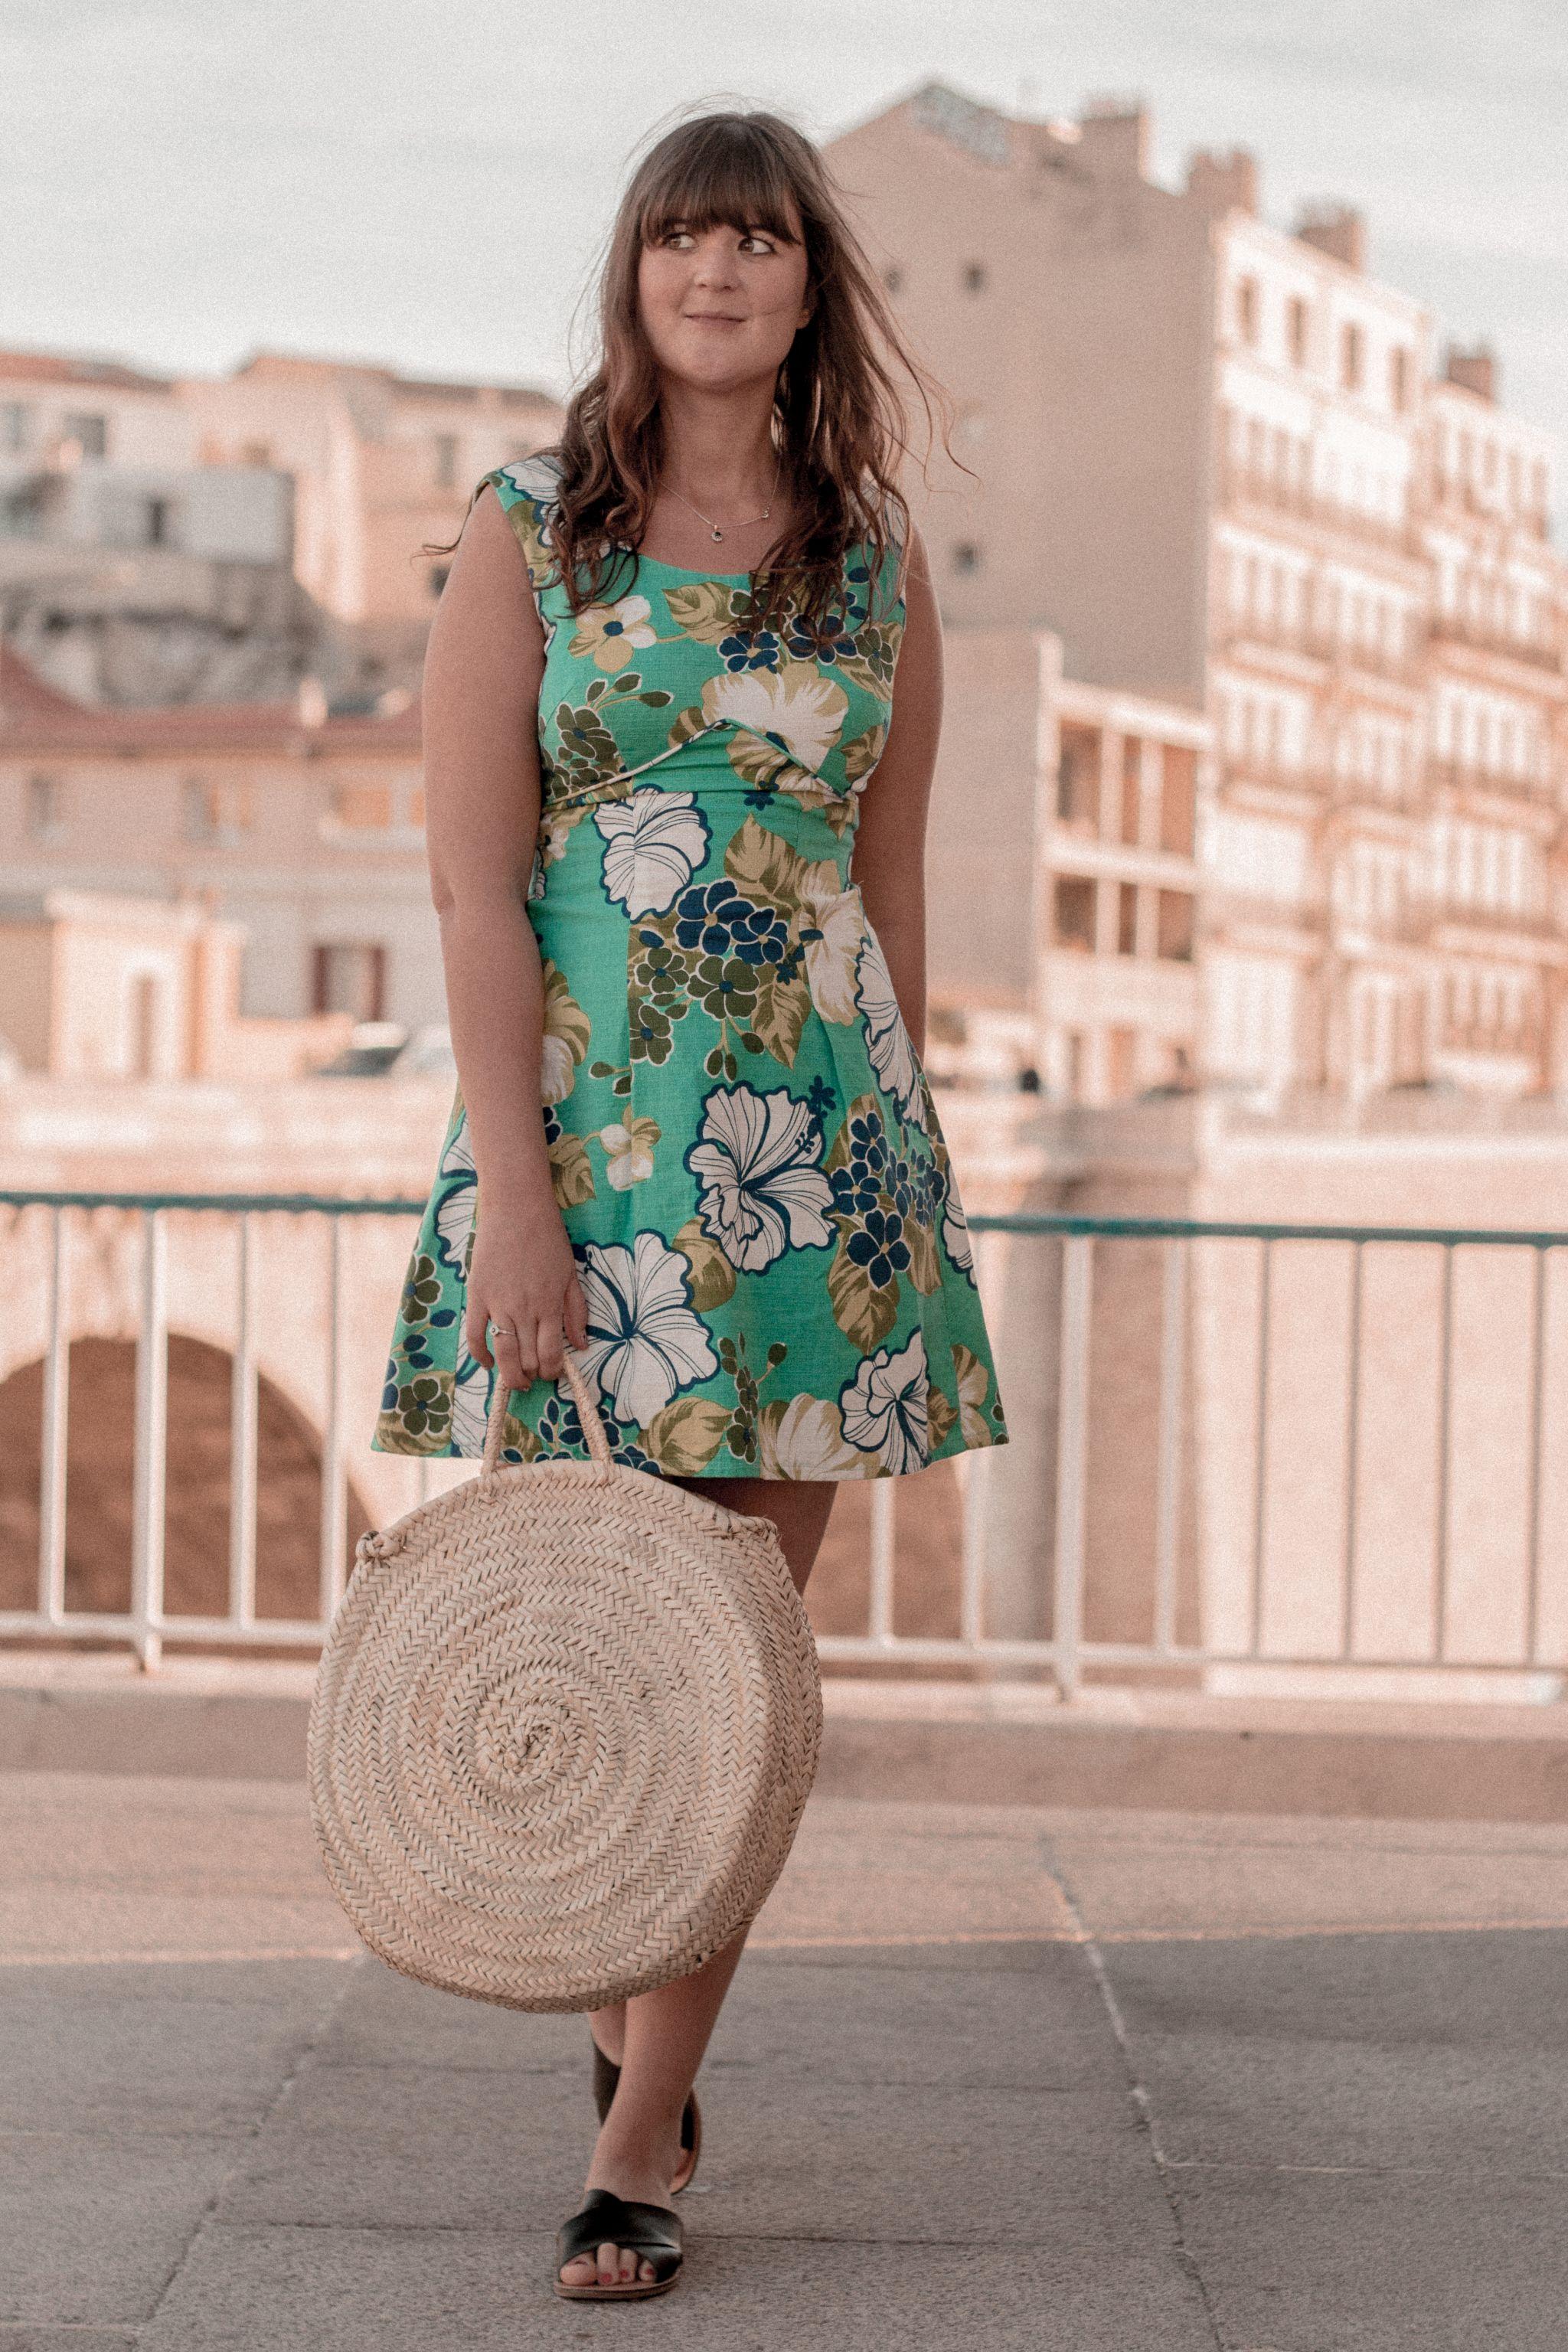 marseille-vintage-rokit-dress-60s